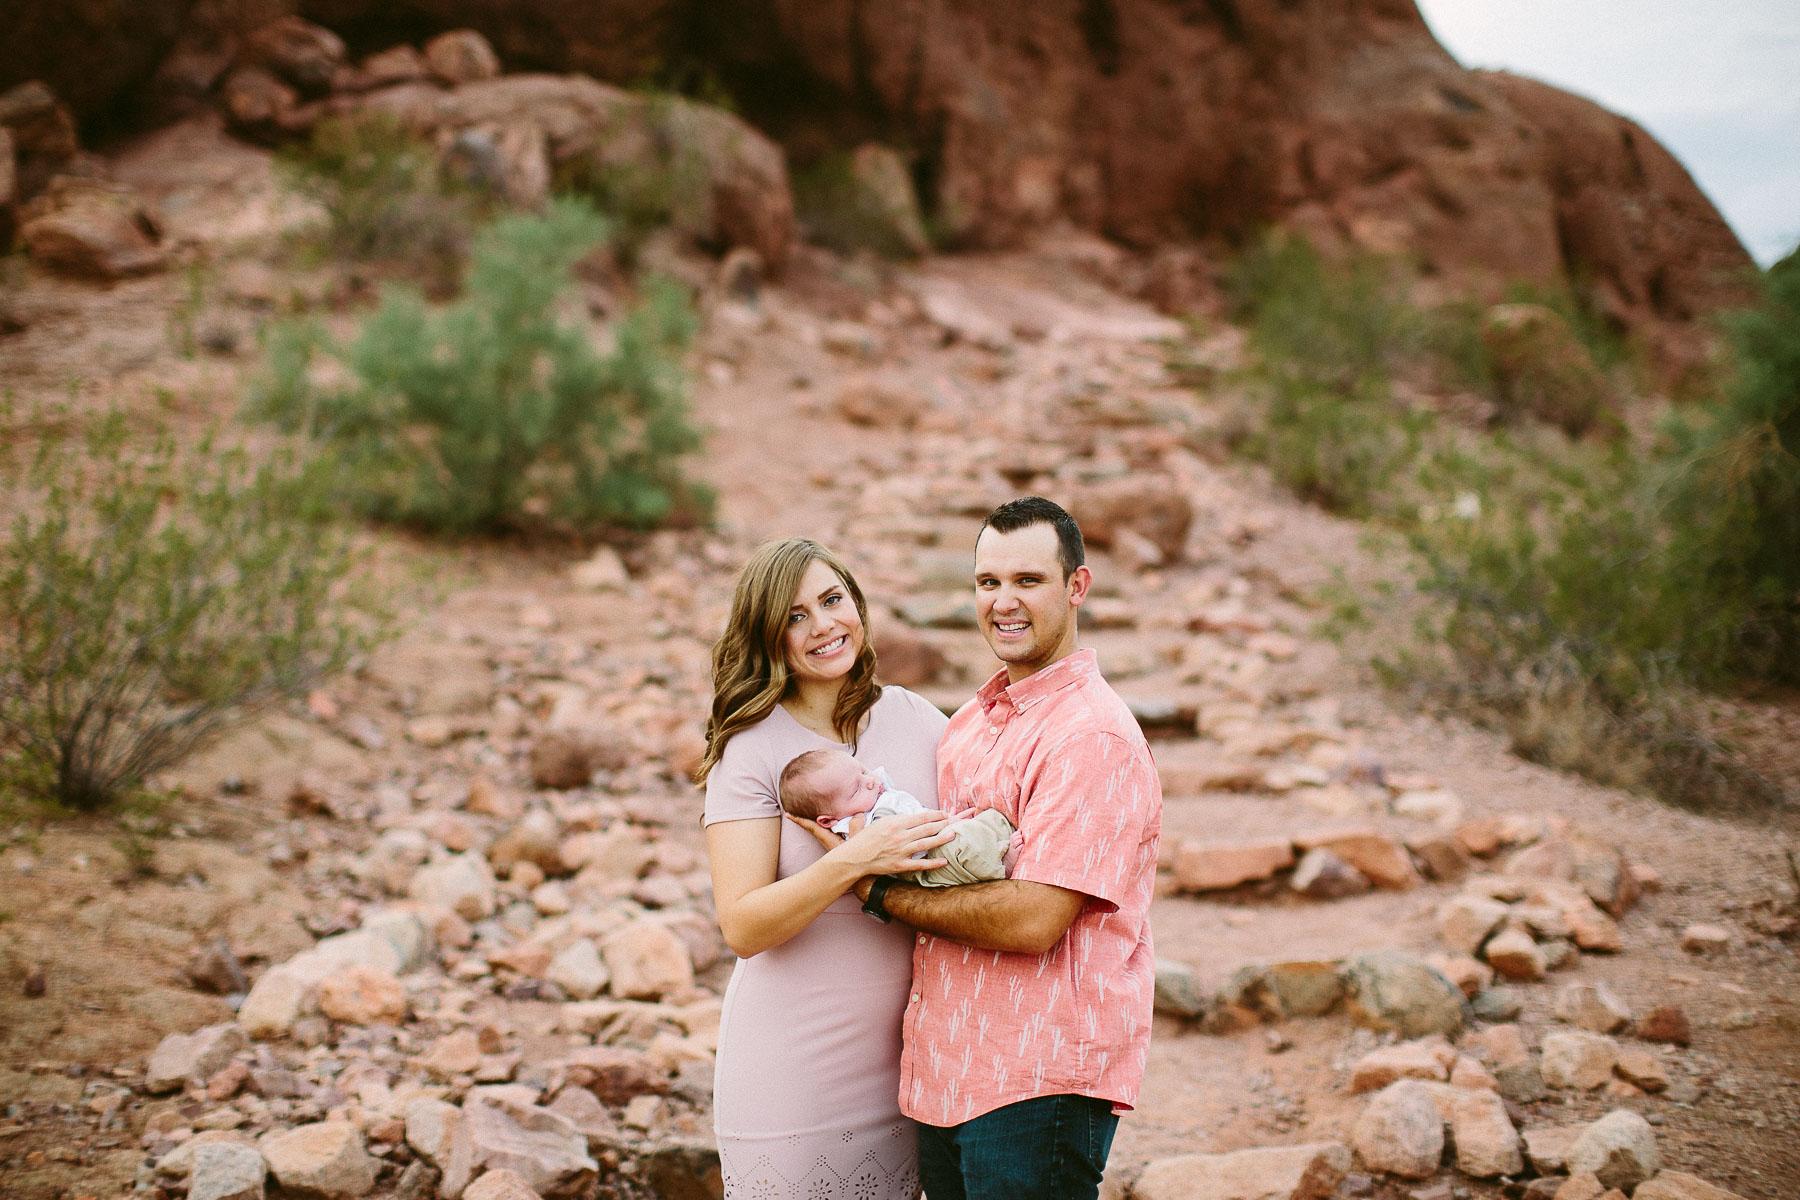 Luxium-Creative-@matt__le-Newborn-Baby-Photoshoot-Arizona-Phoenix-Papago-Park-Red-Rocks-104.jpg